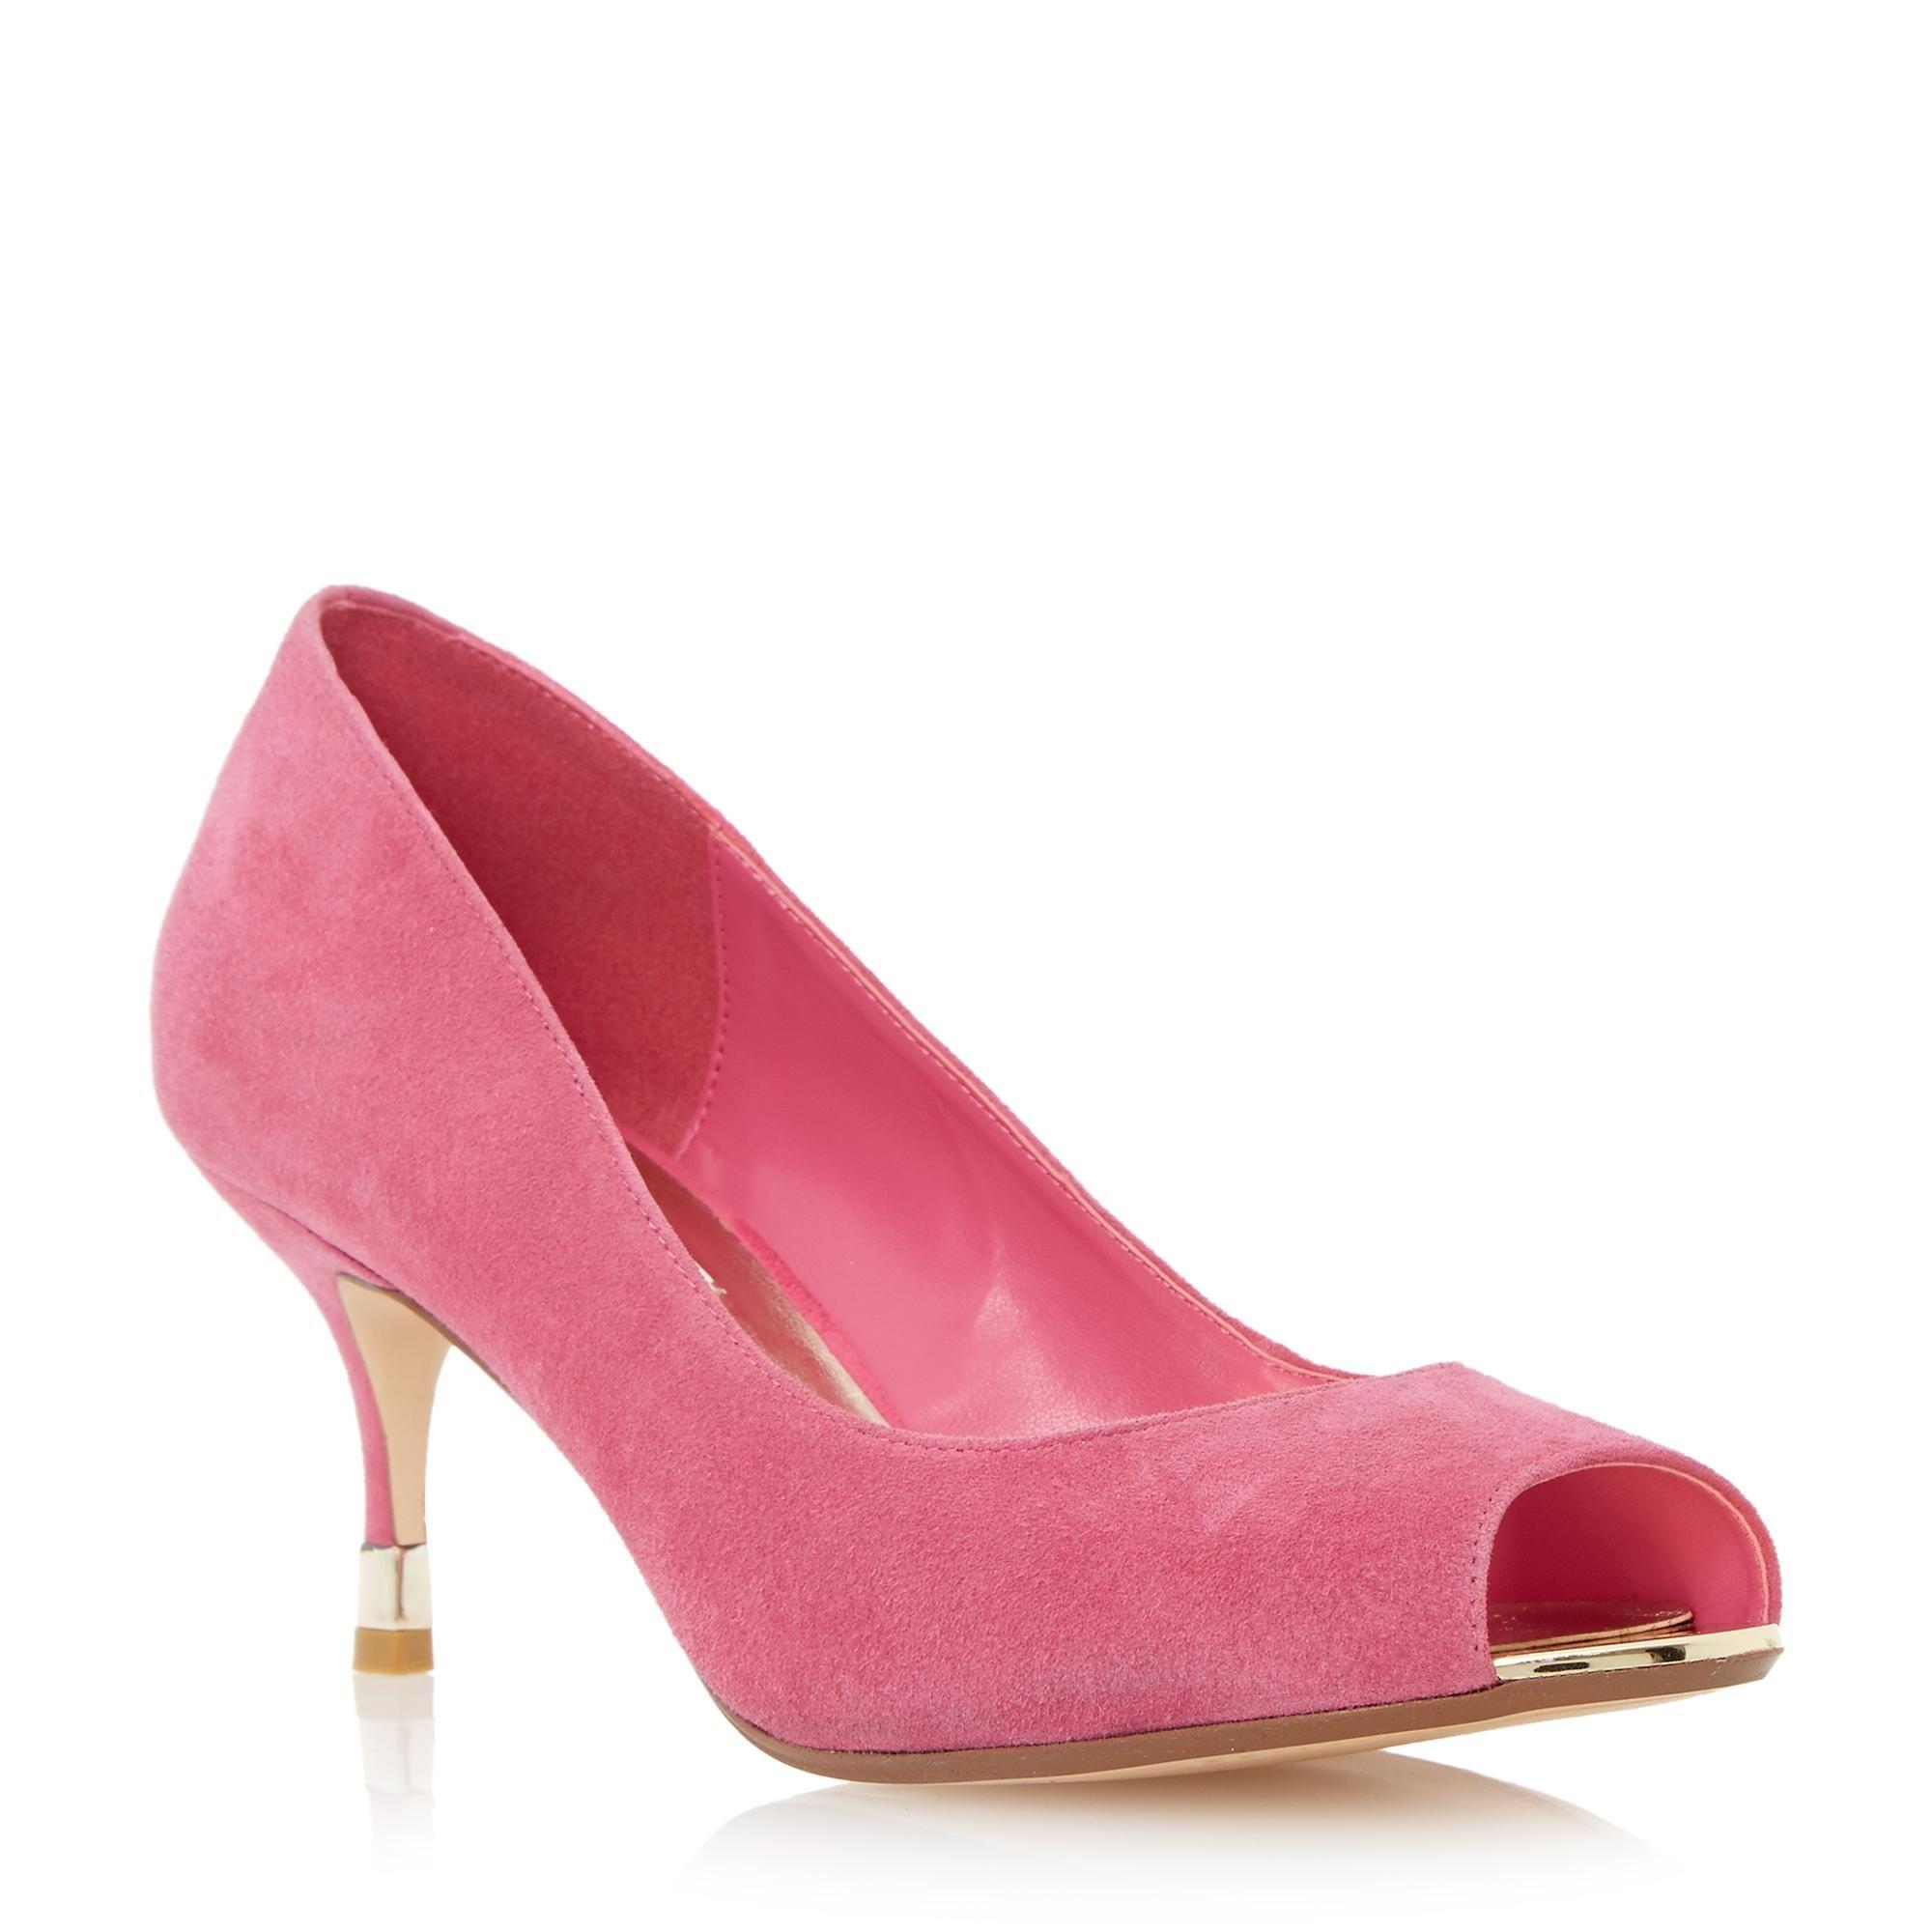 2b5c5141b80a DUNE LADIES DENISE - Peep Toe Kitten Heel Court Shoe - pink